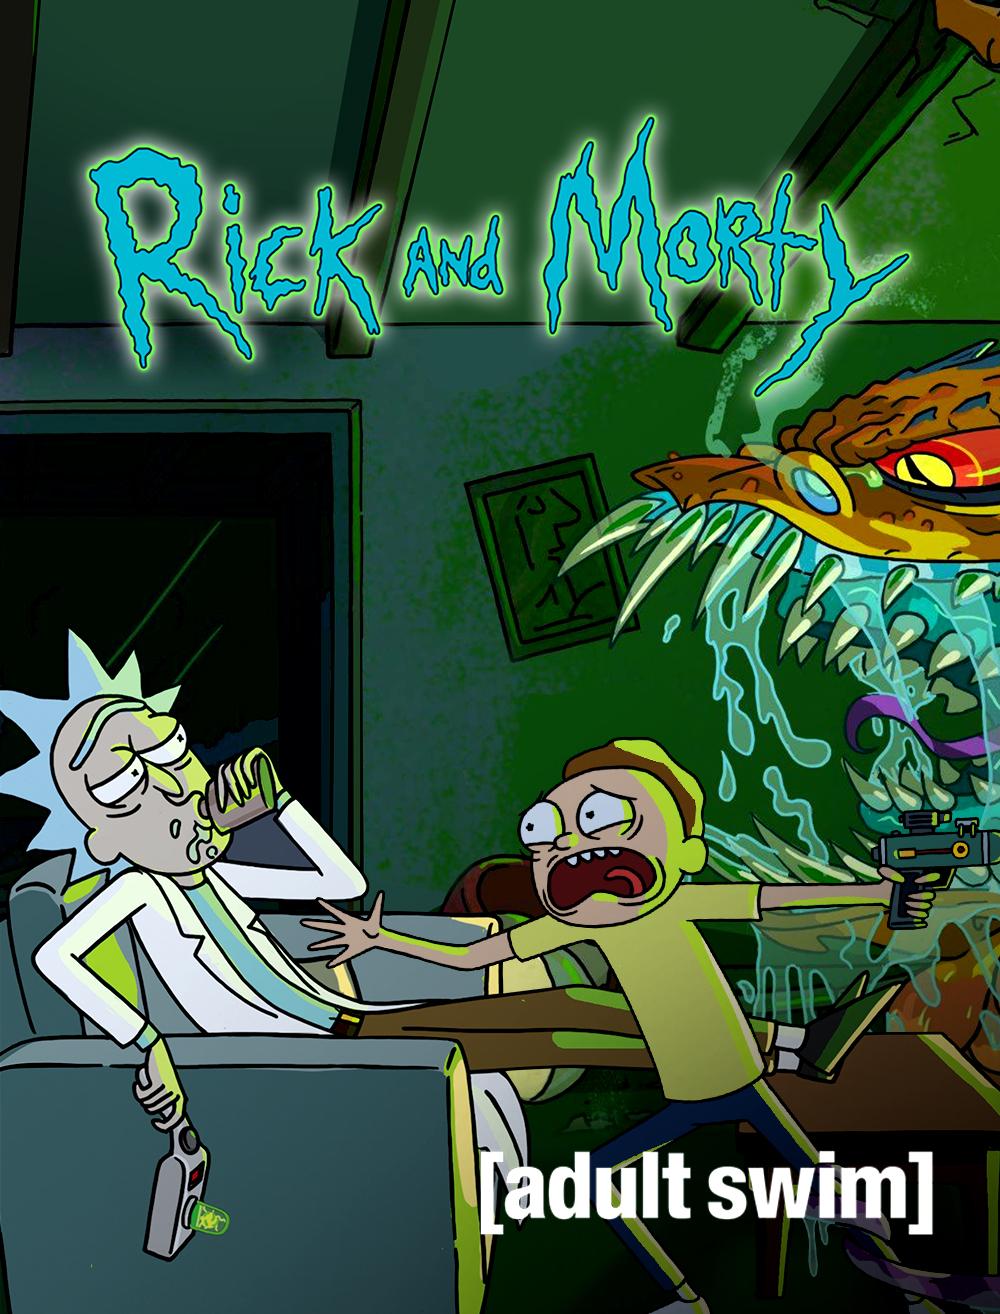 Rick et Morty saison 4 episode 1 streaming | voir films